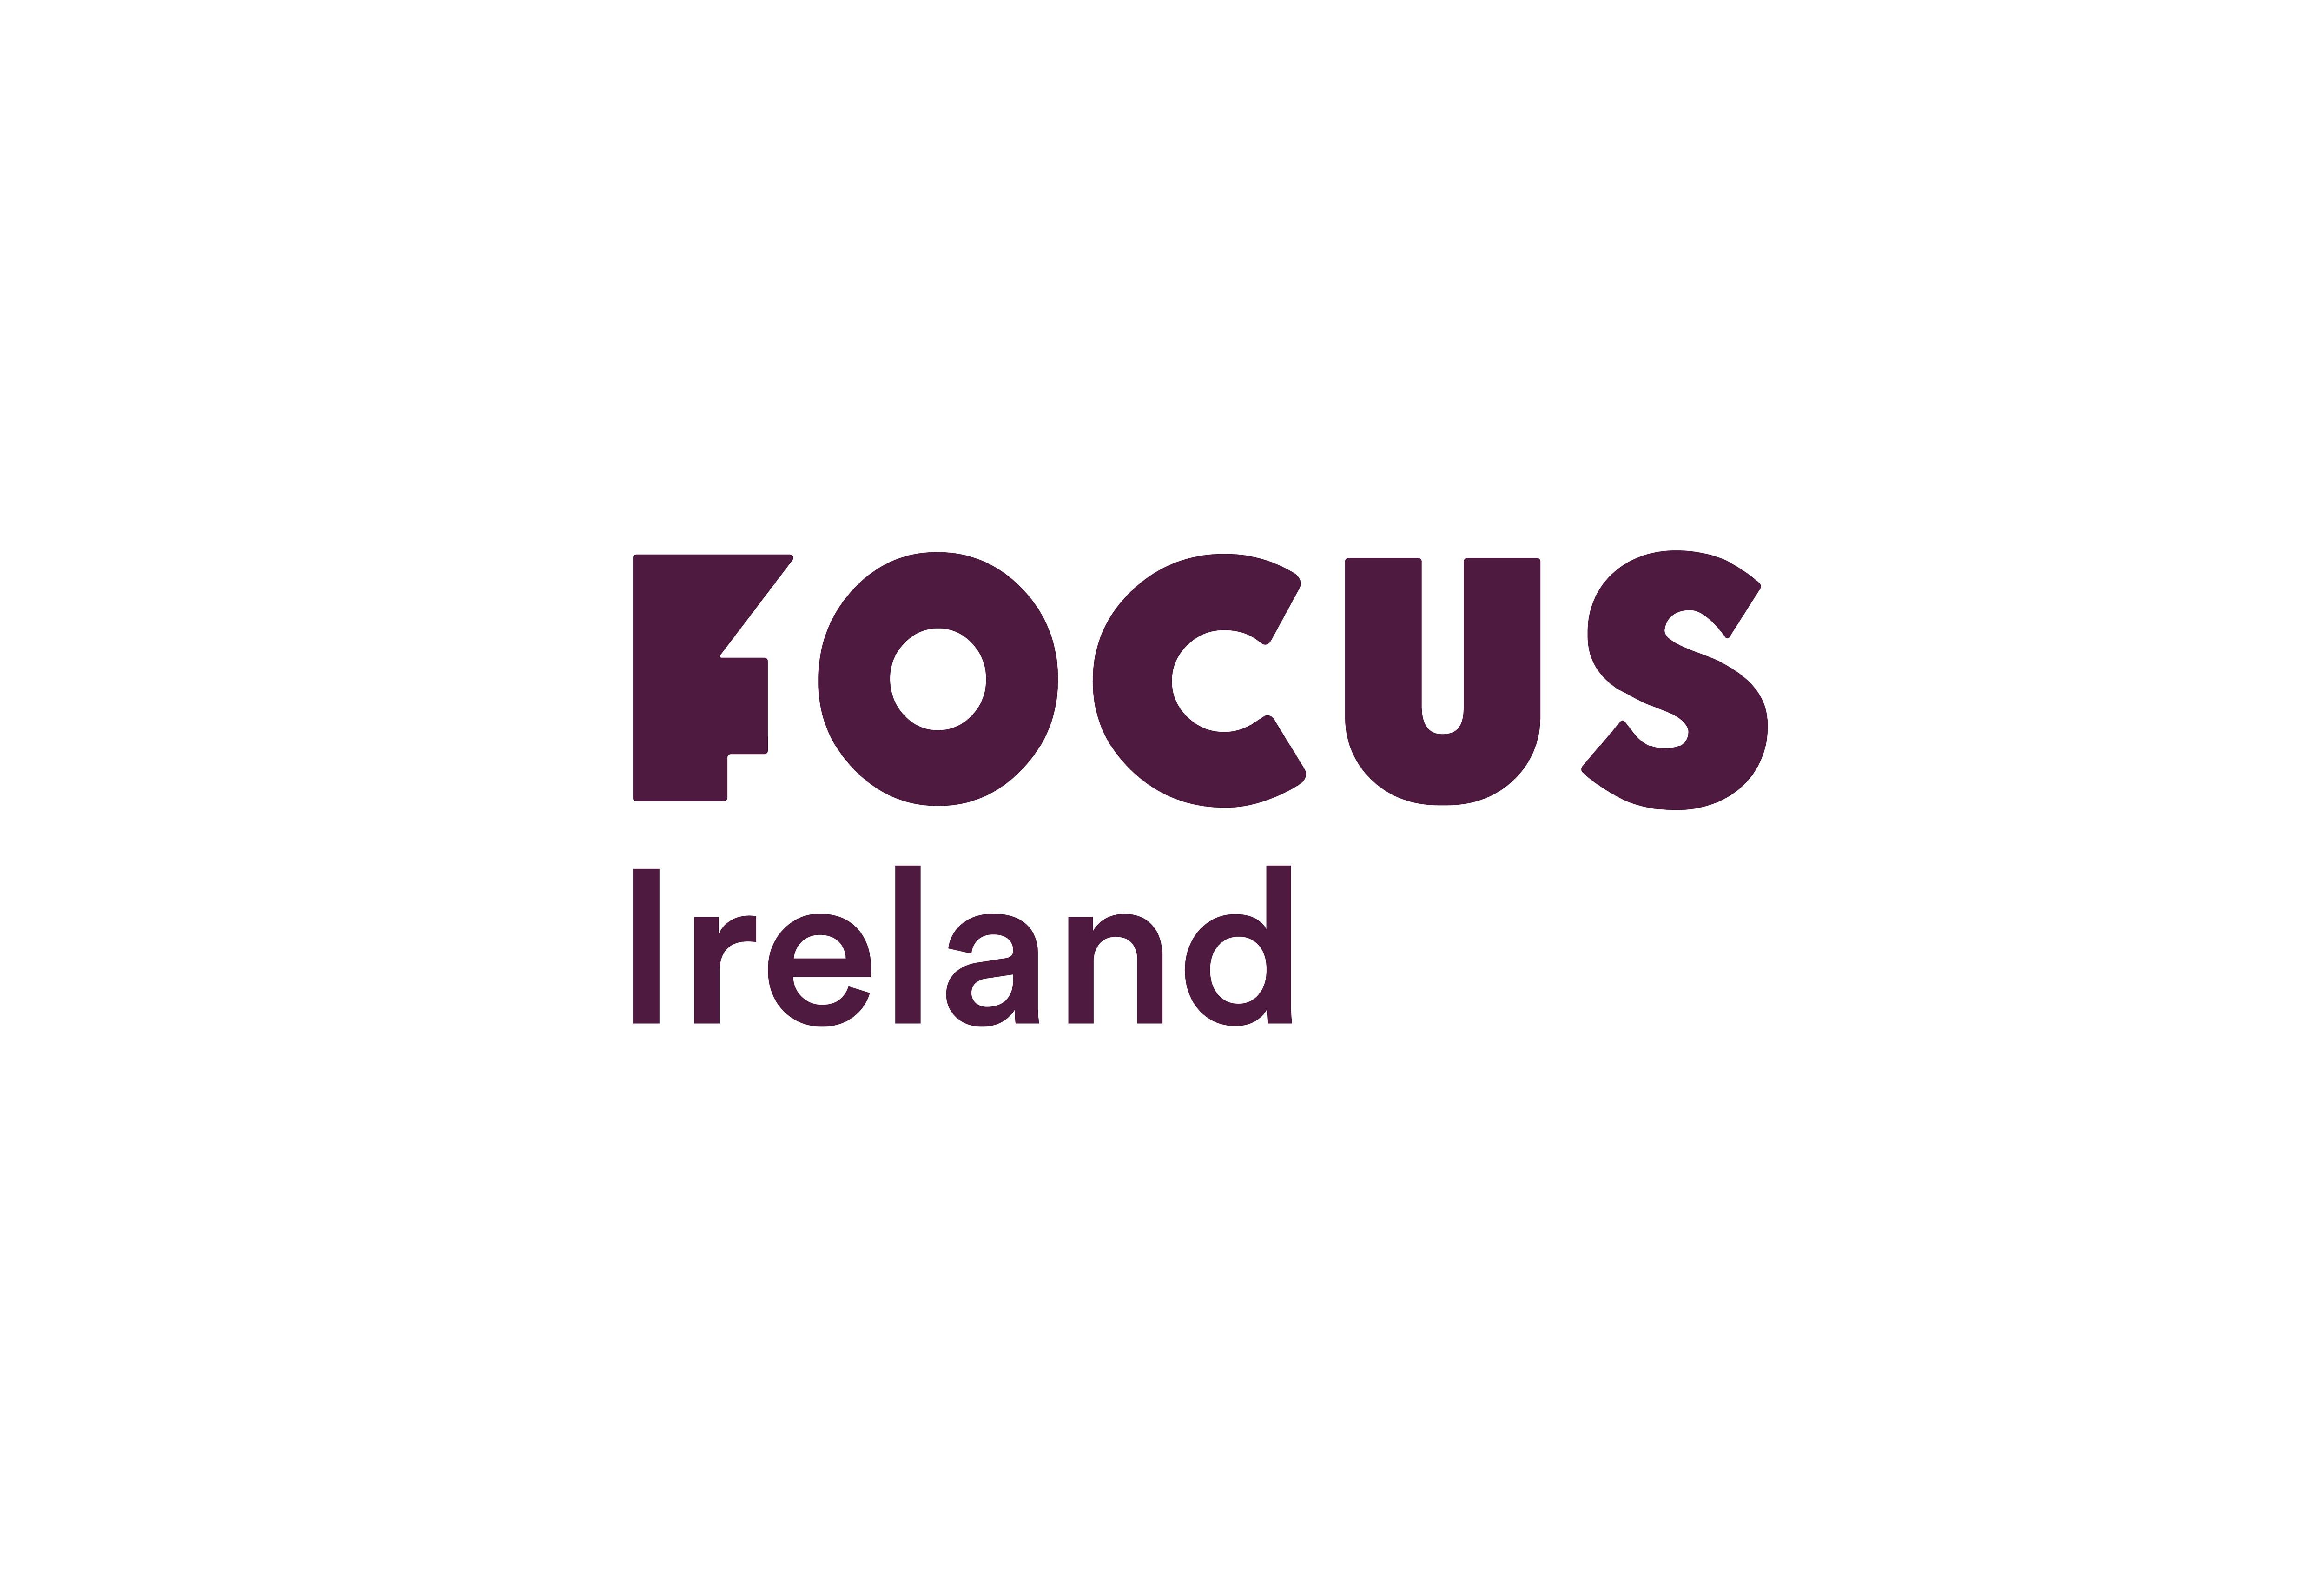 Cover image: Focus Ireland Rebrand